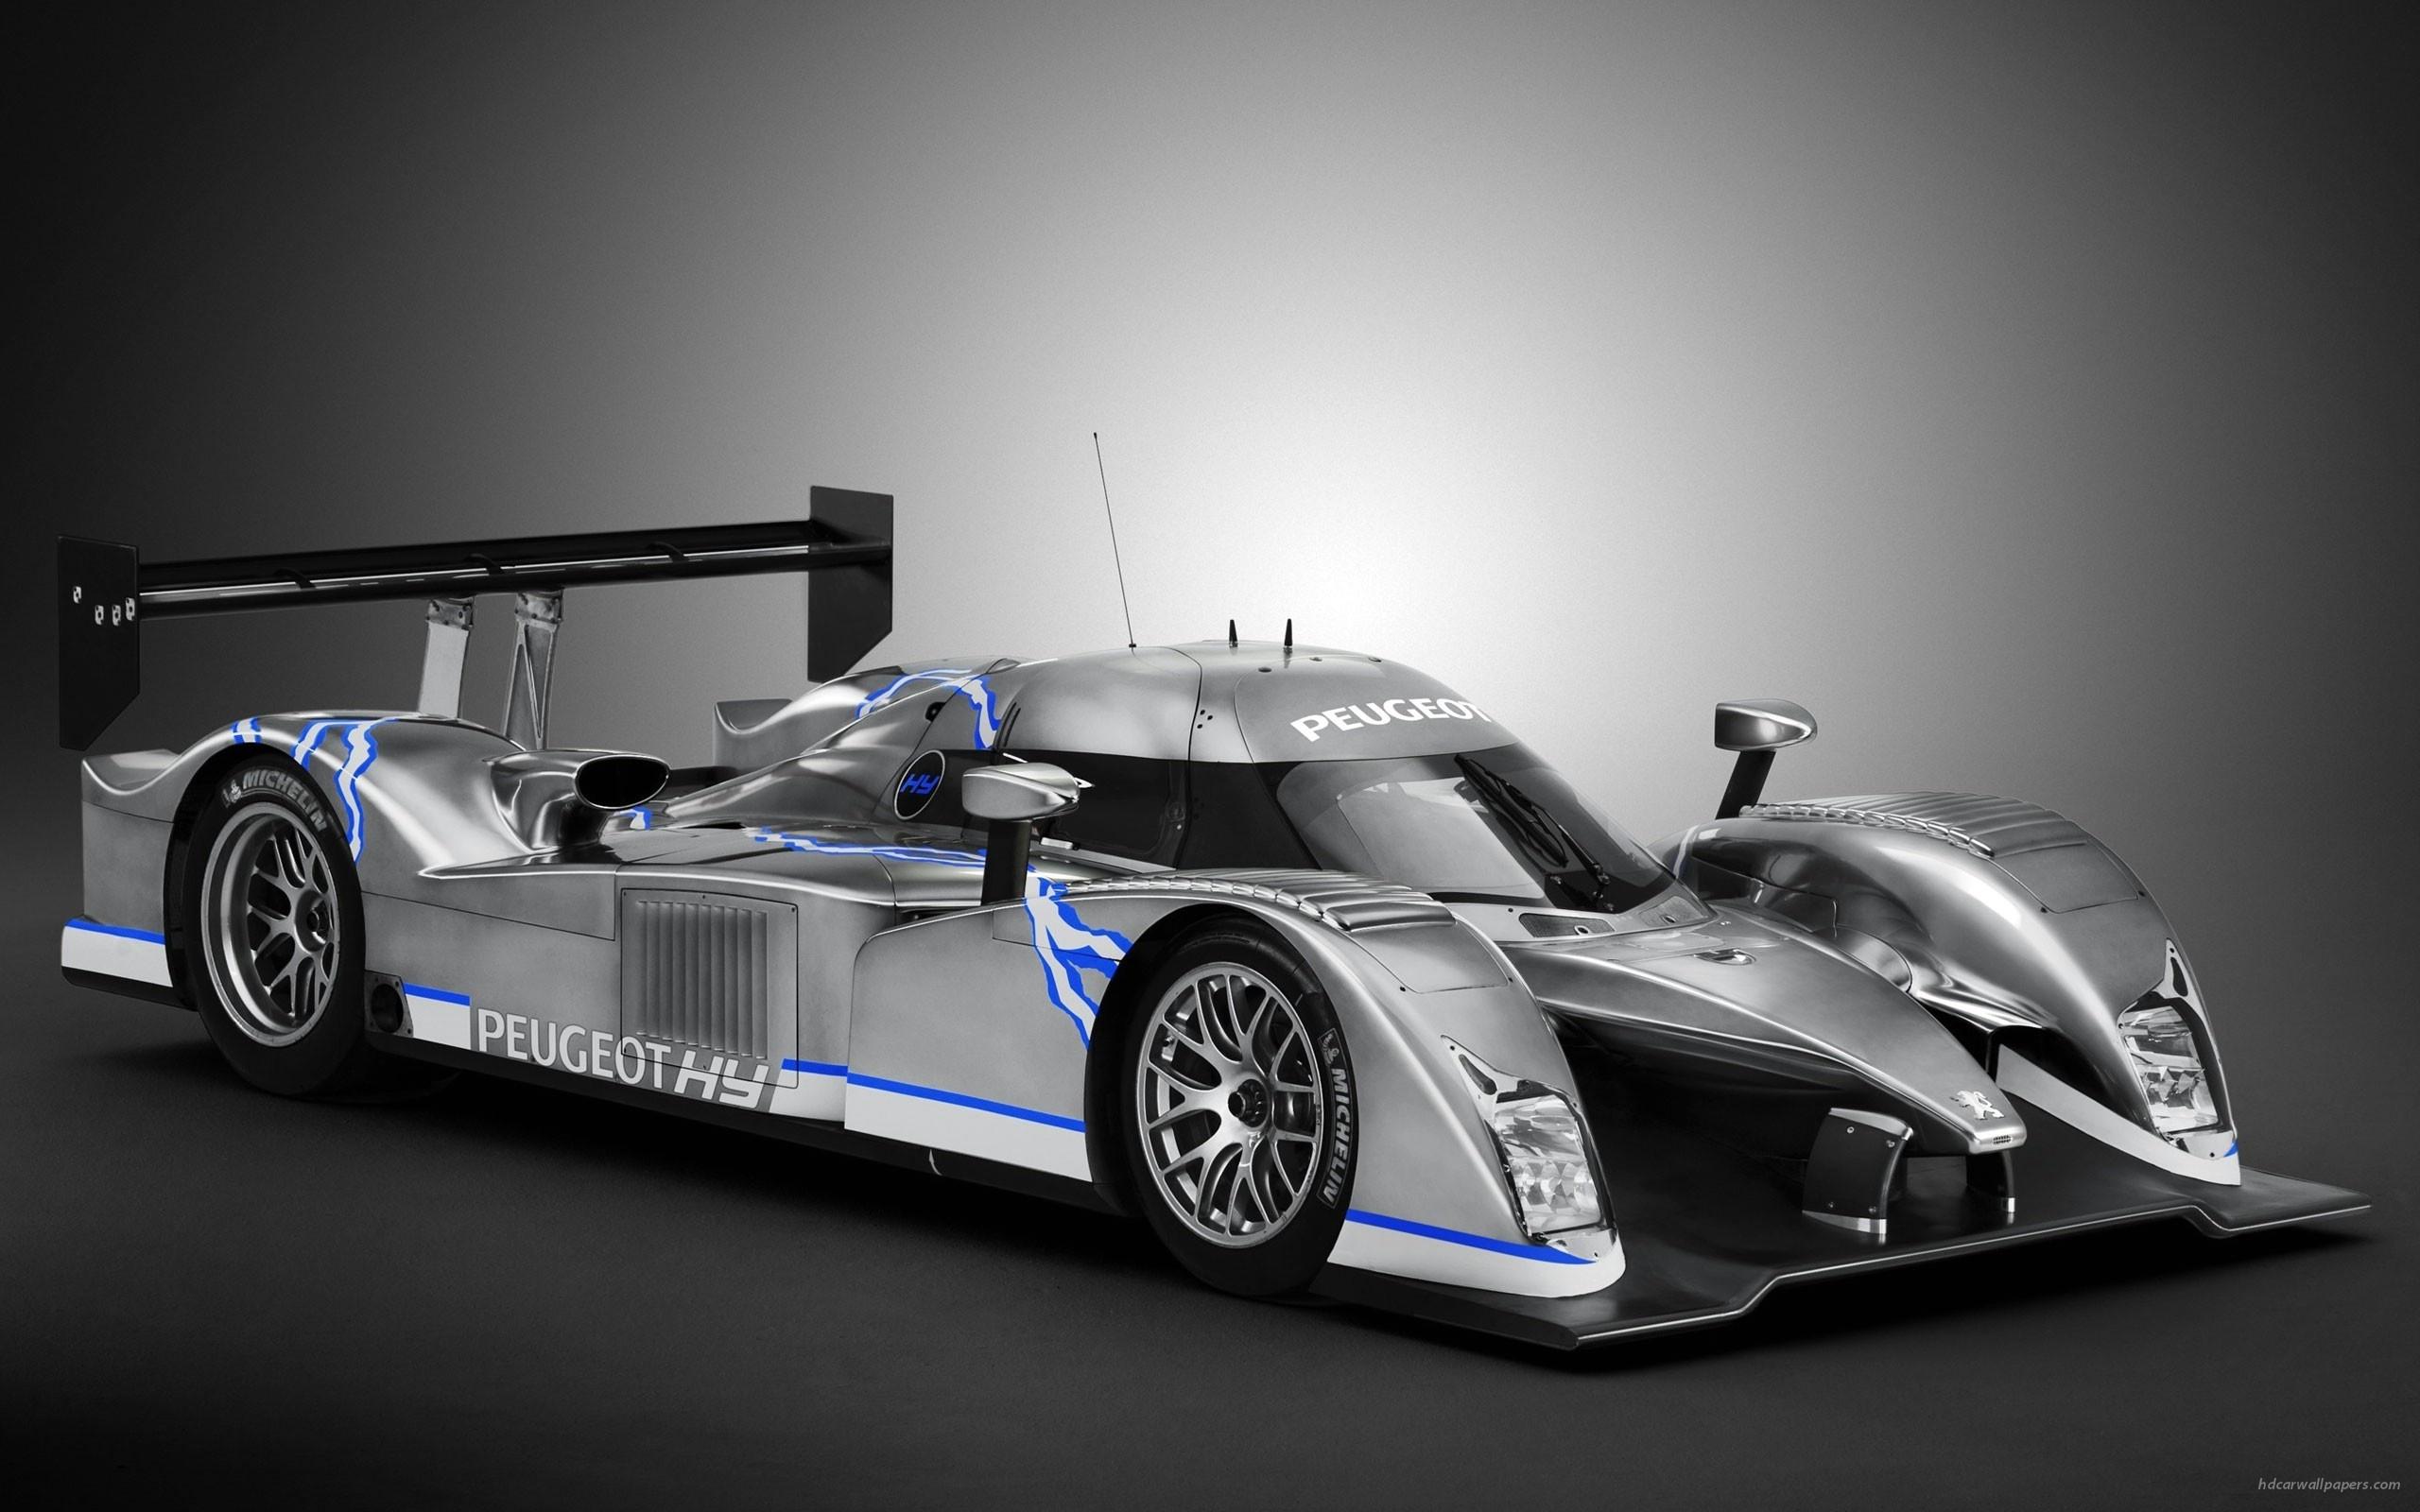 Peugeot year tribute to Dario Resta L R Hybrid Racing